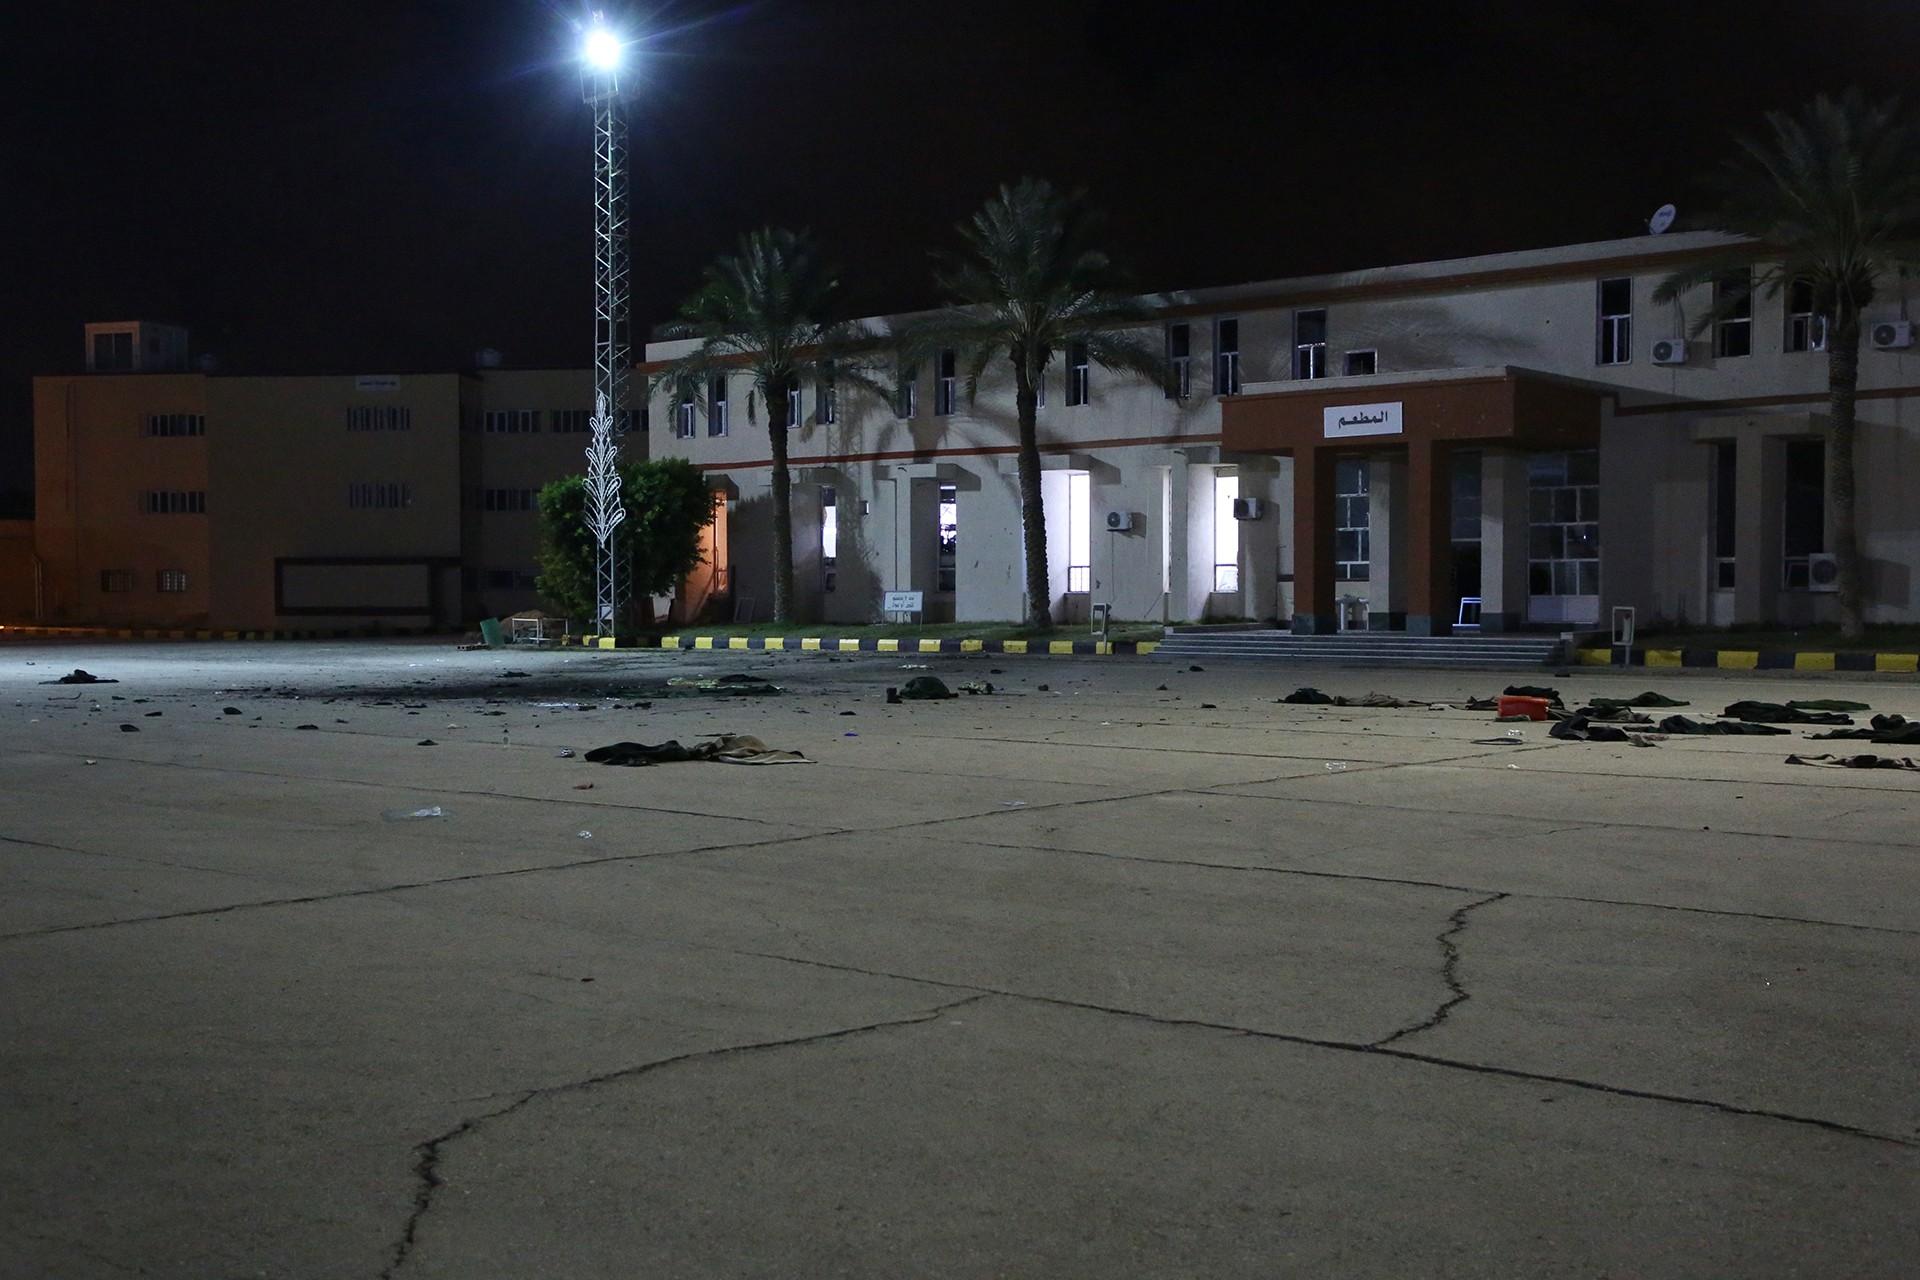 Askeri okul öğrenci yurduna düzenlenen hava saldırısının ardından okulun bahçesi